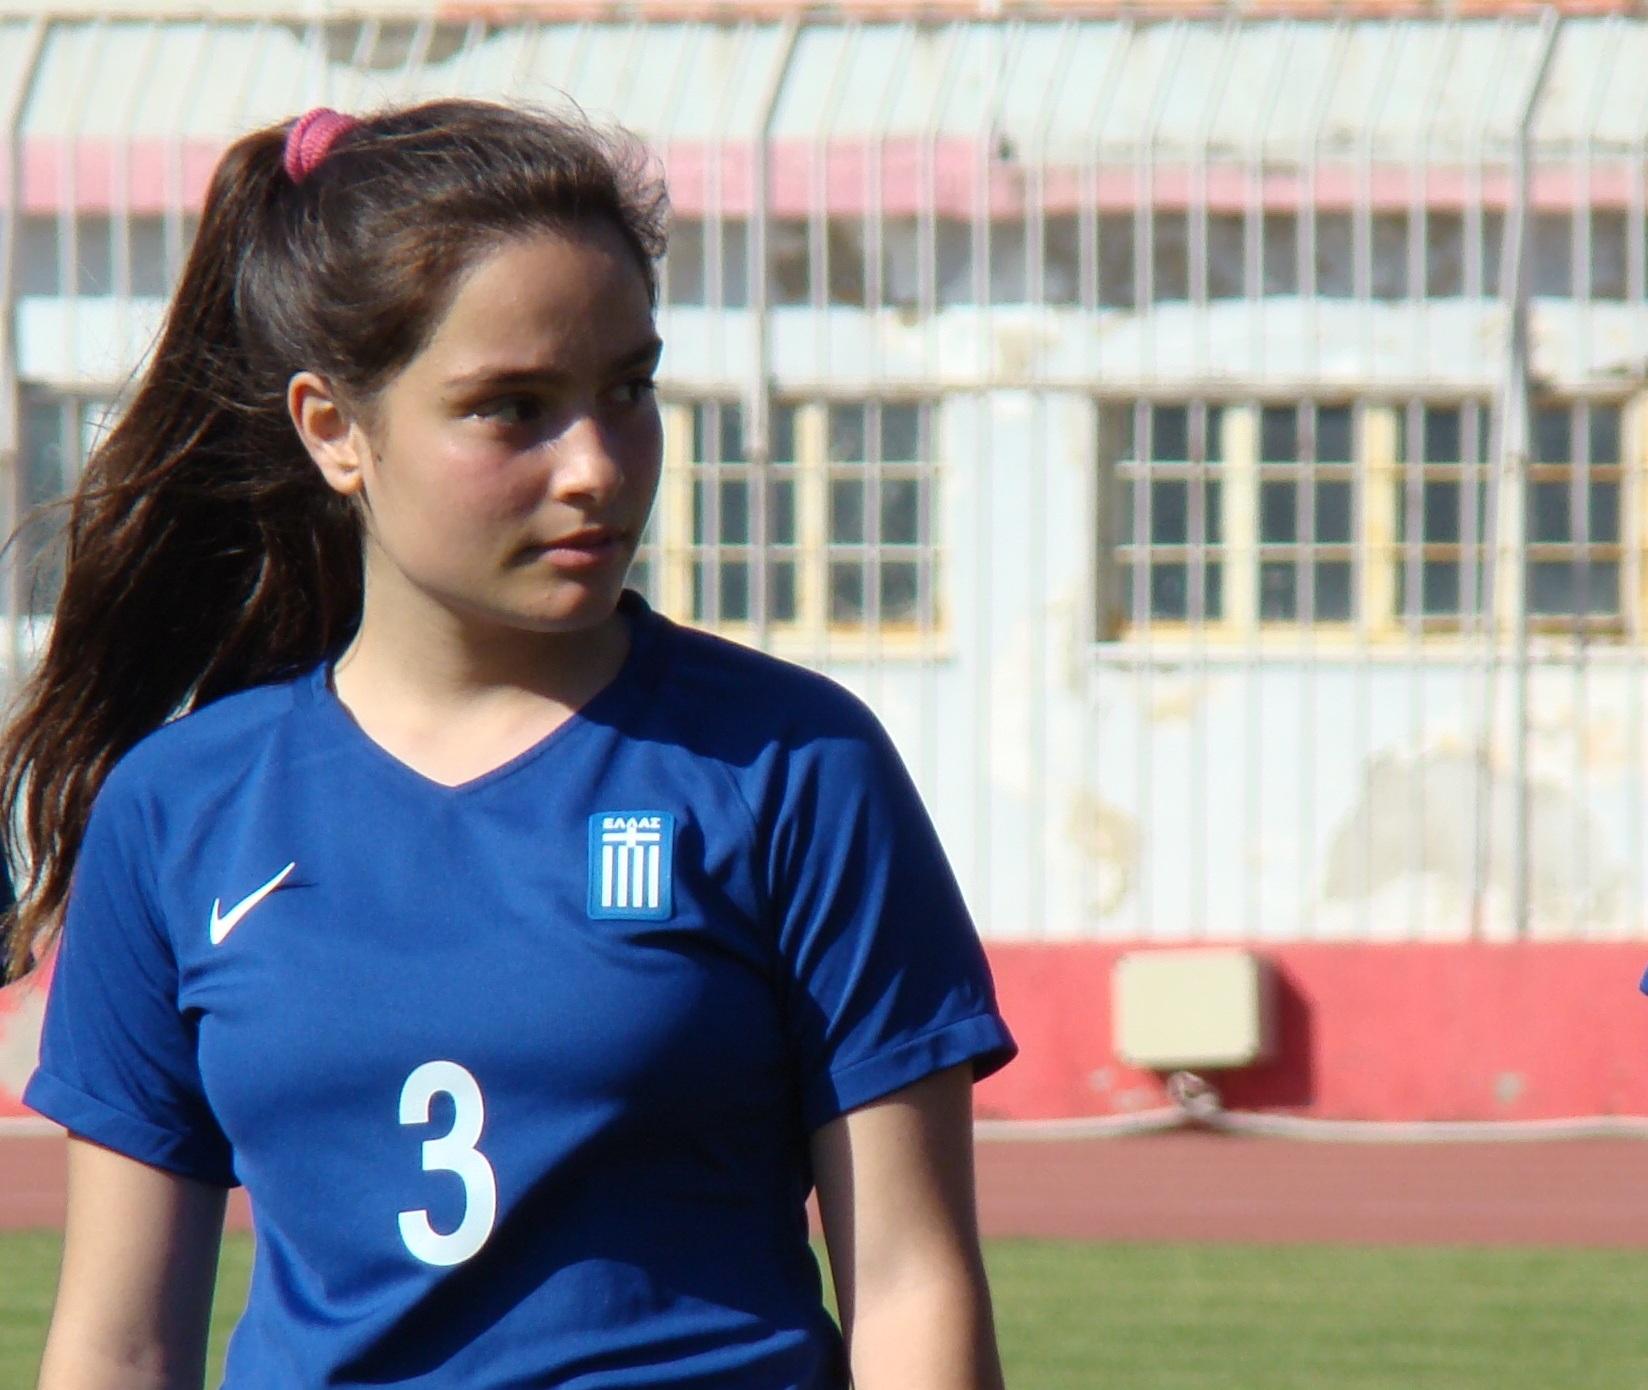 Μία 16χρονη Βολιώτισσα στην ελίτ της Ευρώπης